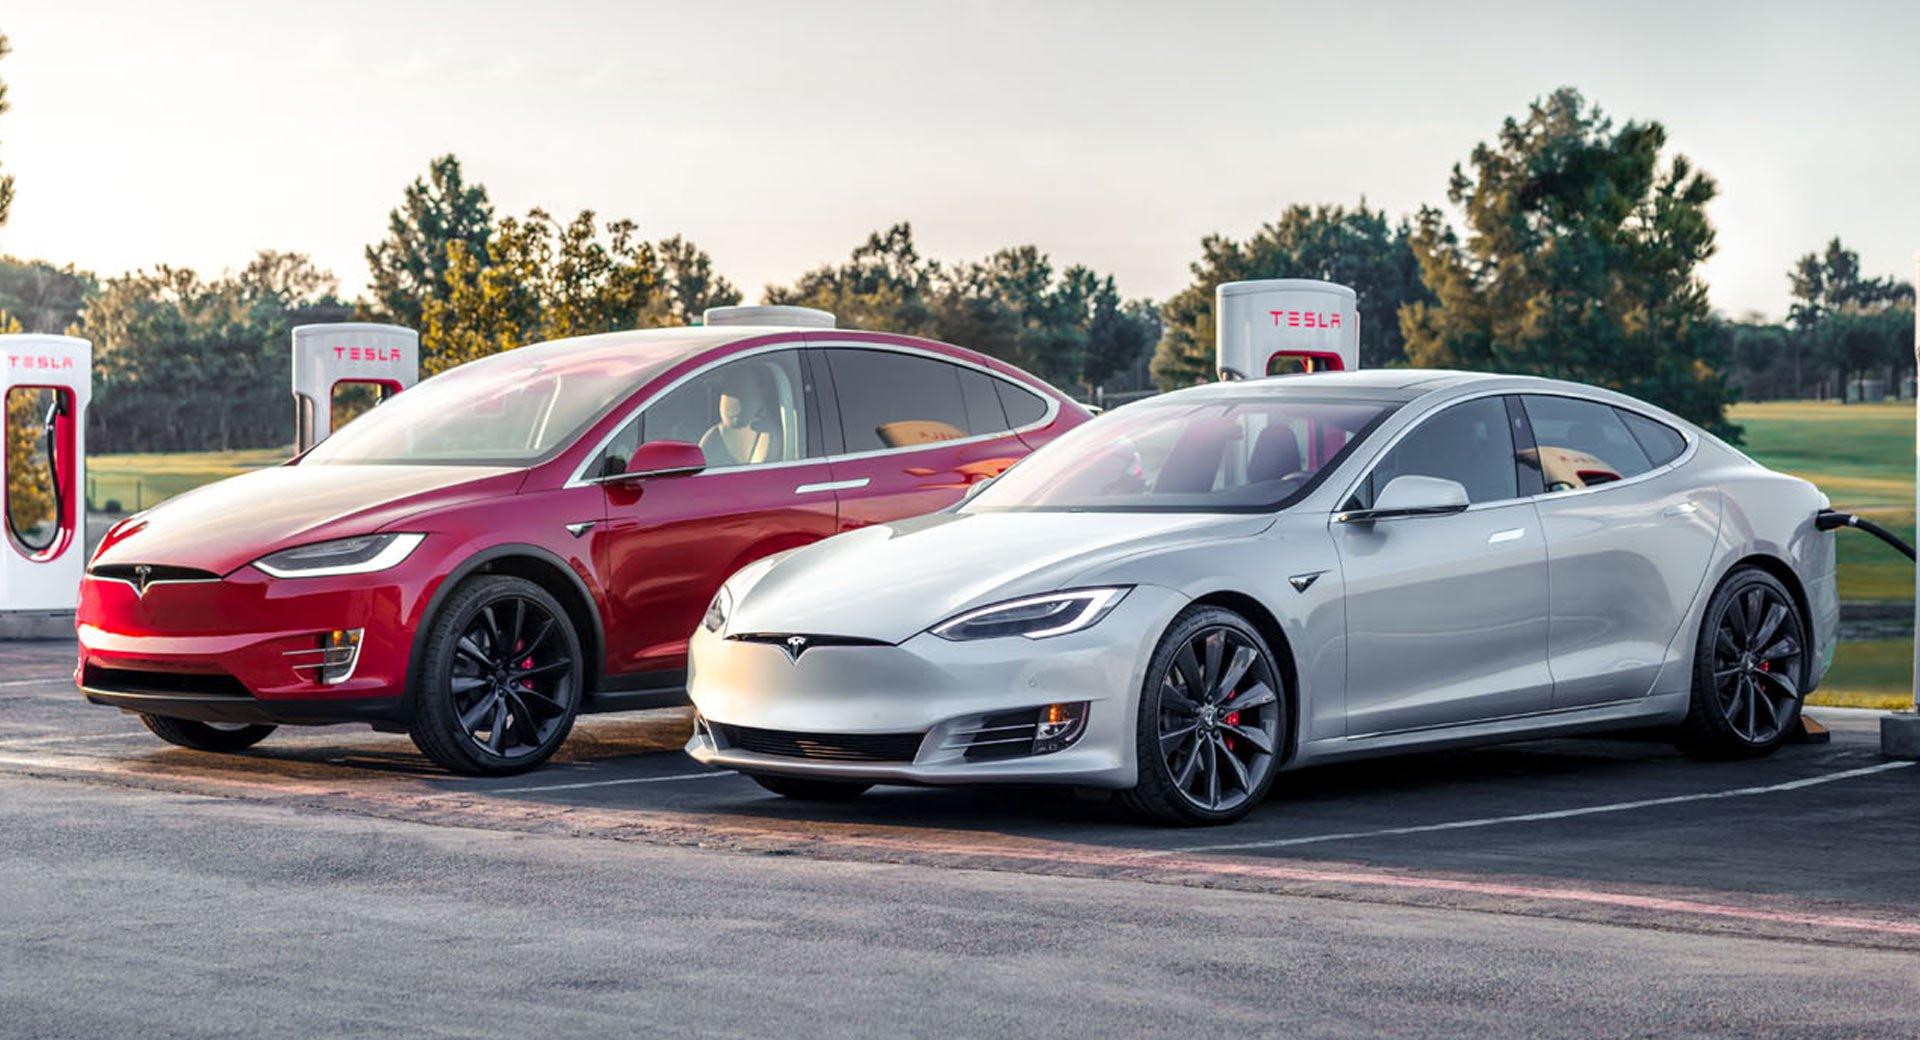 В понедельник, 14 января, компания «Тесла» прекратит принимать заказы на доступные версии кроссовера Model X и лифтбека Model S с блоком батарей на 75 кВт*ч